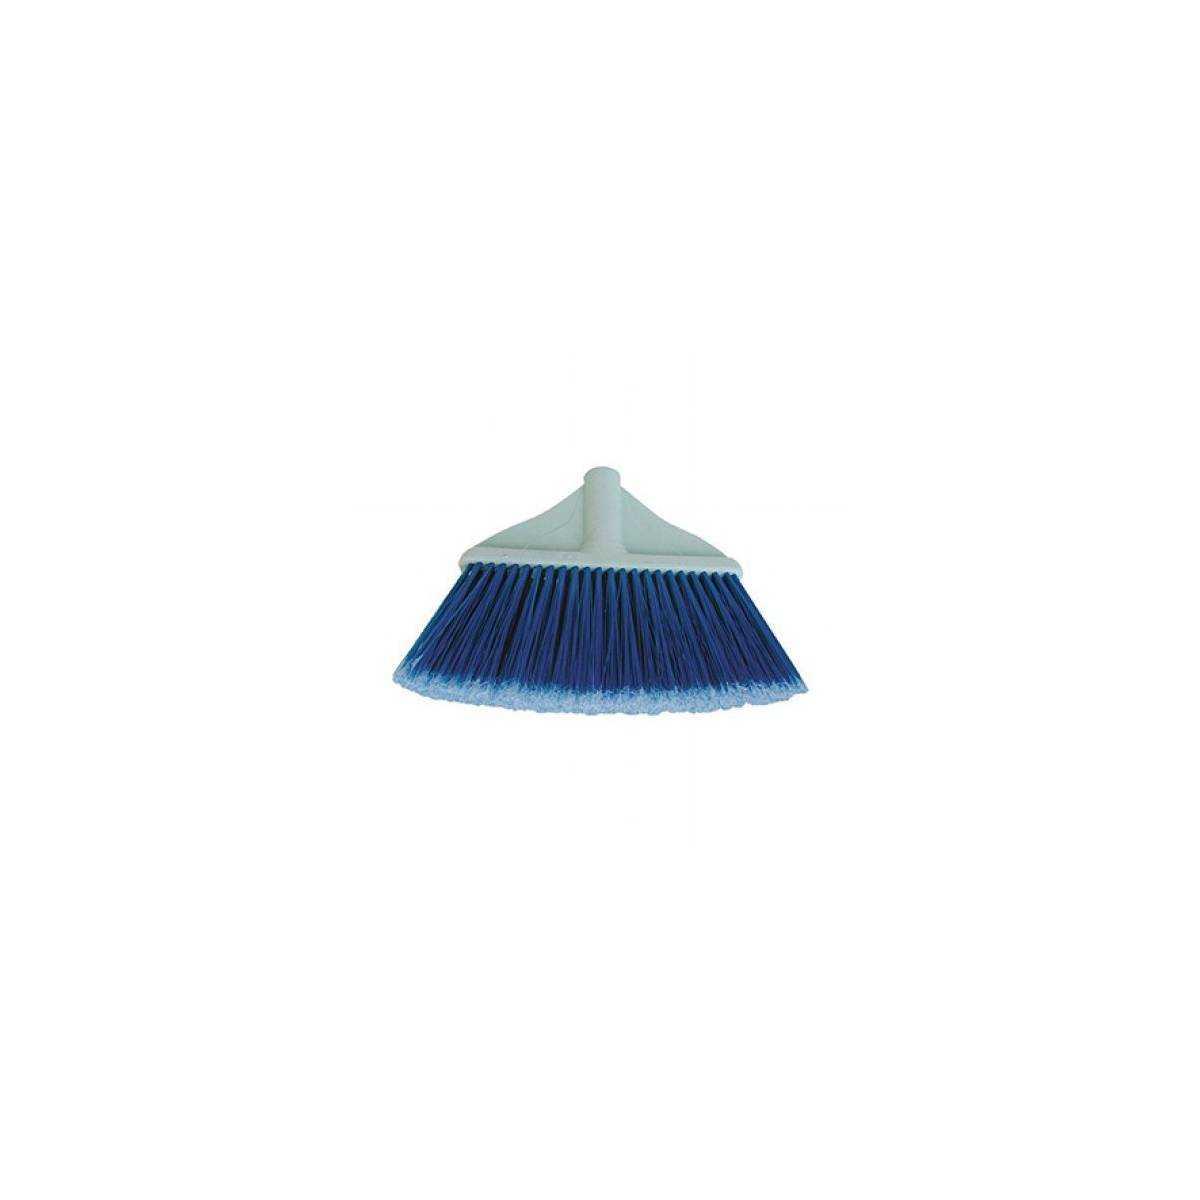 Щетка для пола сменная EUROPA (Синего цвета) 03.00200.0012.00.071 TTS